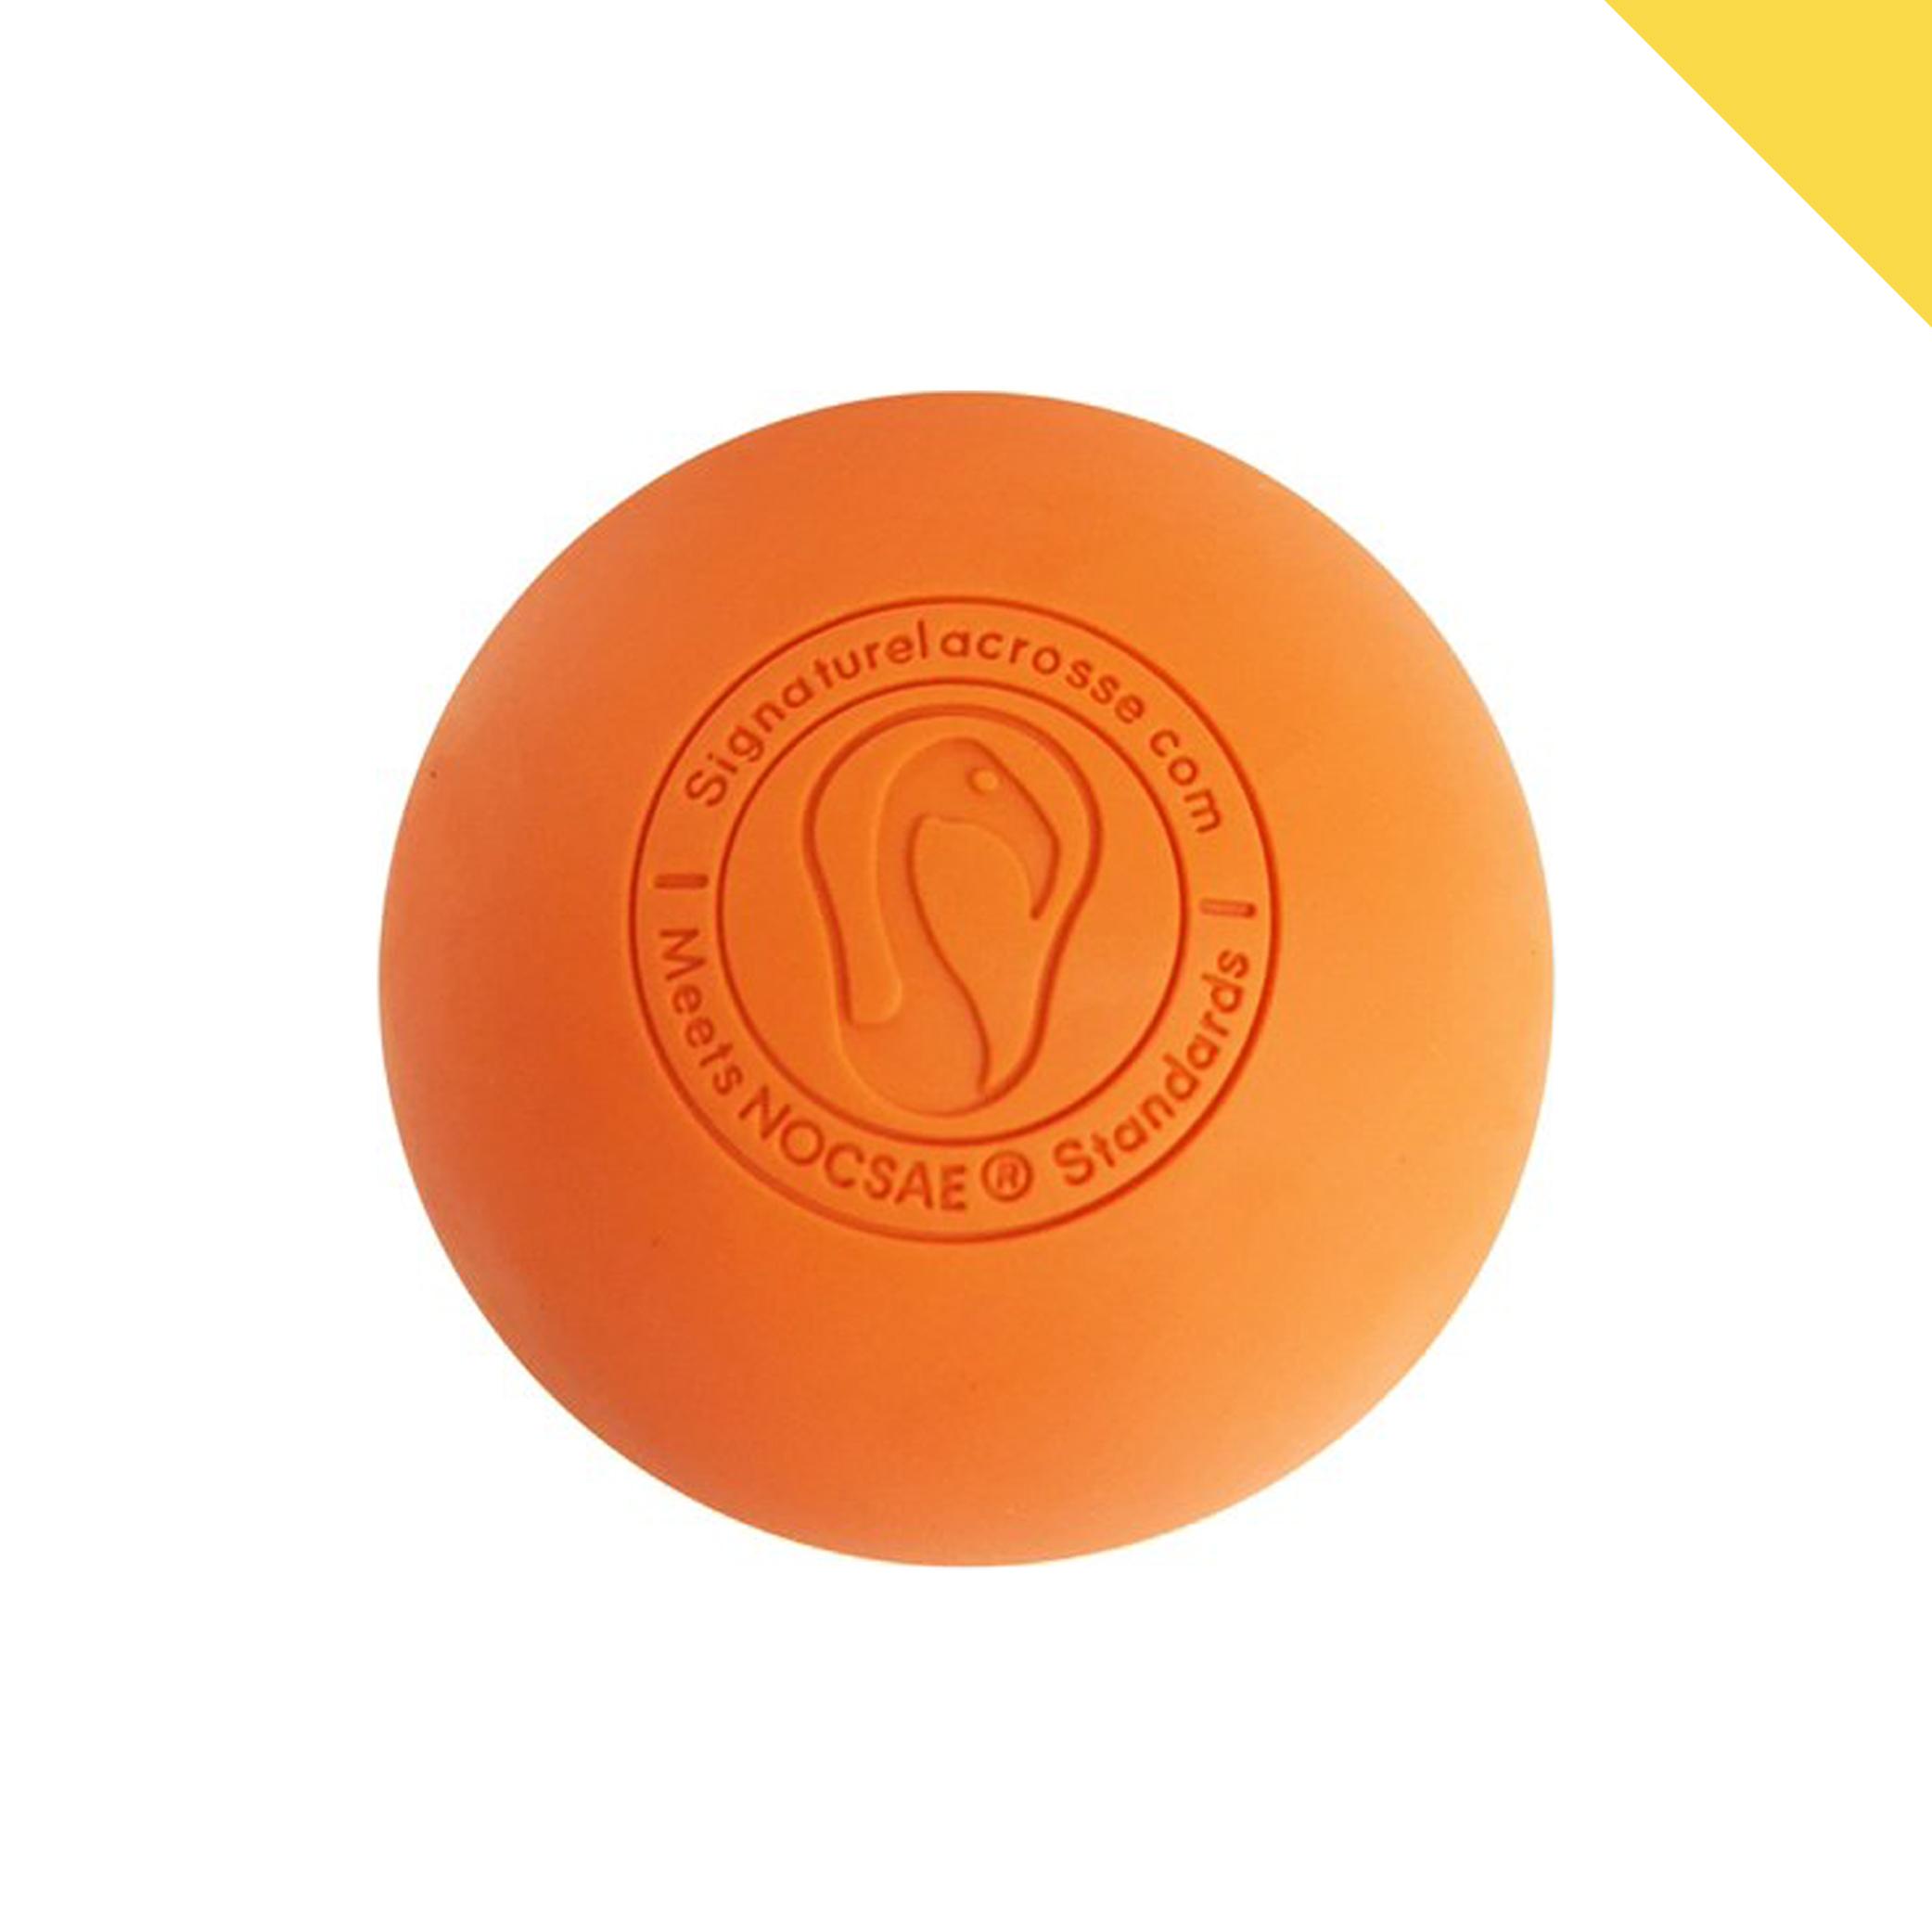 Signature Lacrosse Balls -